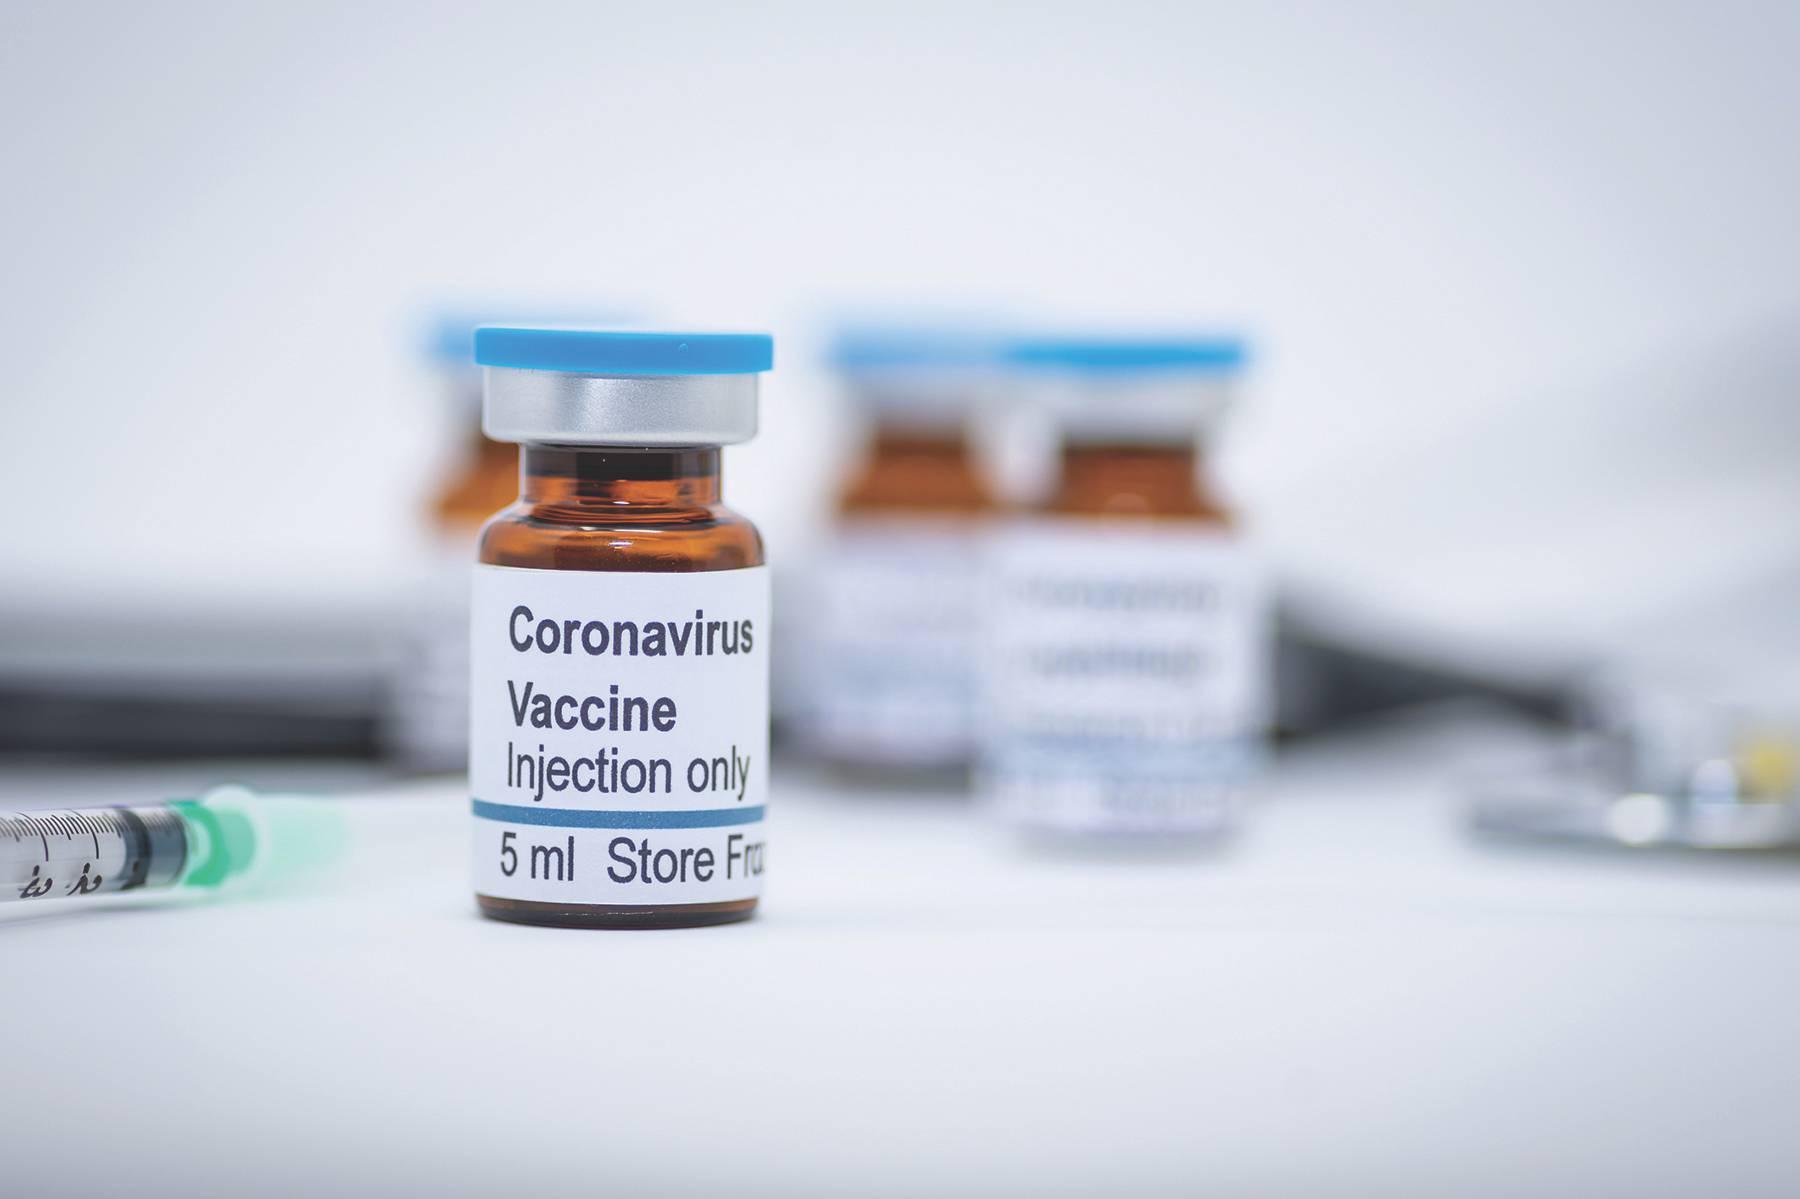 واکسیناسیون عمومی در کشور از چه زمانی شروع می شود؟